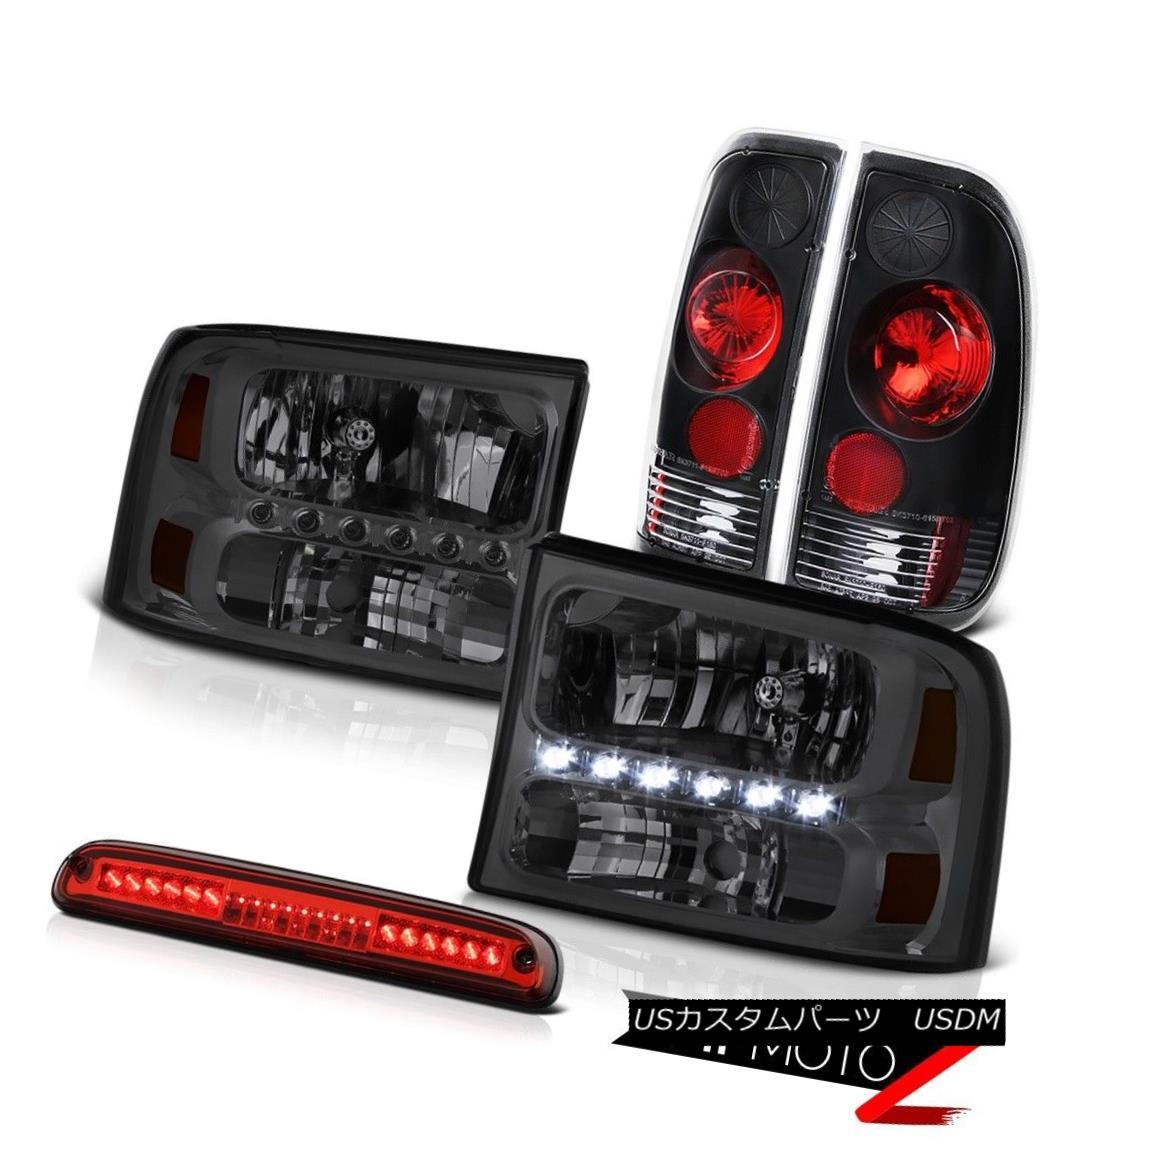 ヘッドライト Dark Smoke HeadLights Rear Black Roof Third Brake LED Red 1999-2004 Ford F250 SD ダークスモークヘッドライトリアブラックルーフ第3ブレーキLEDレッド1999-2004 Ford F250 SD